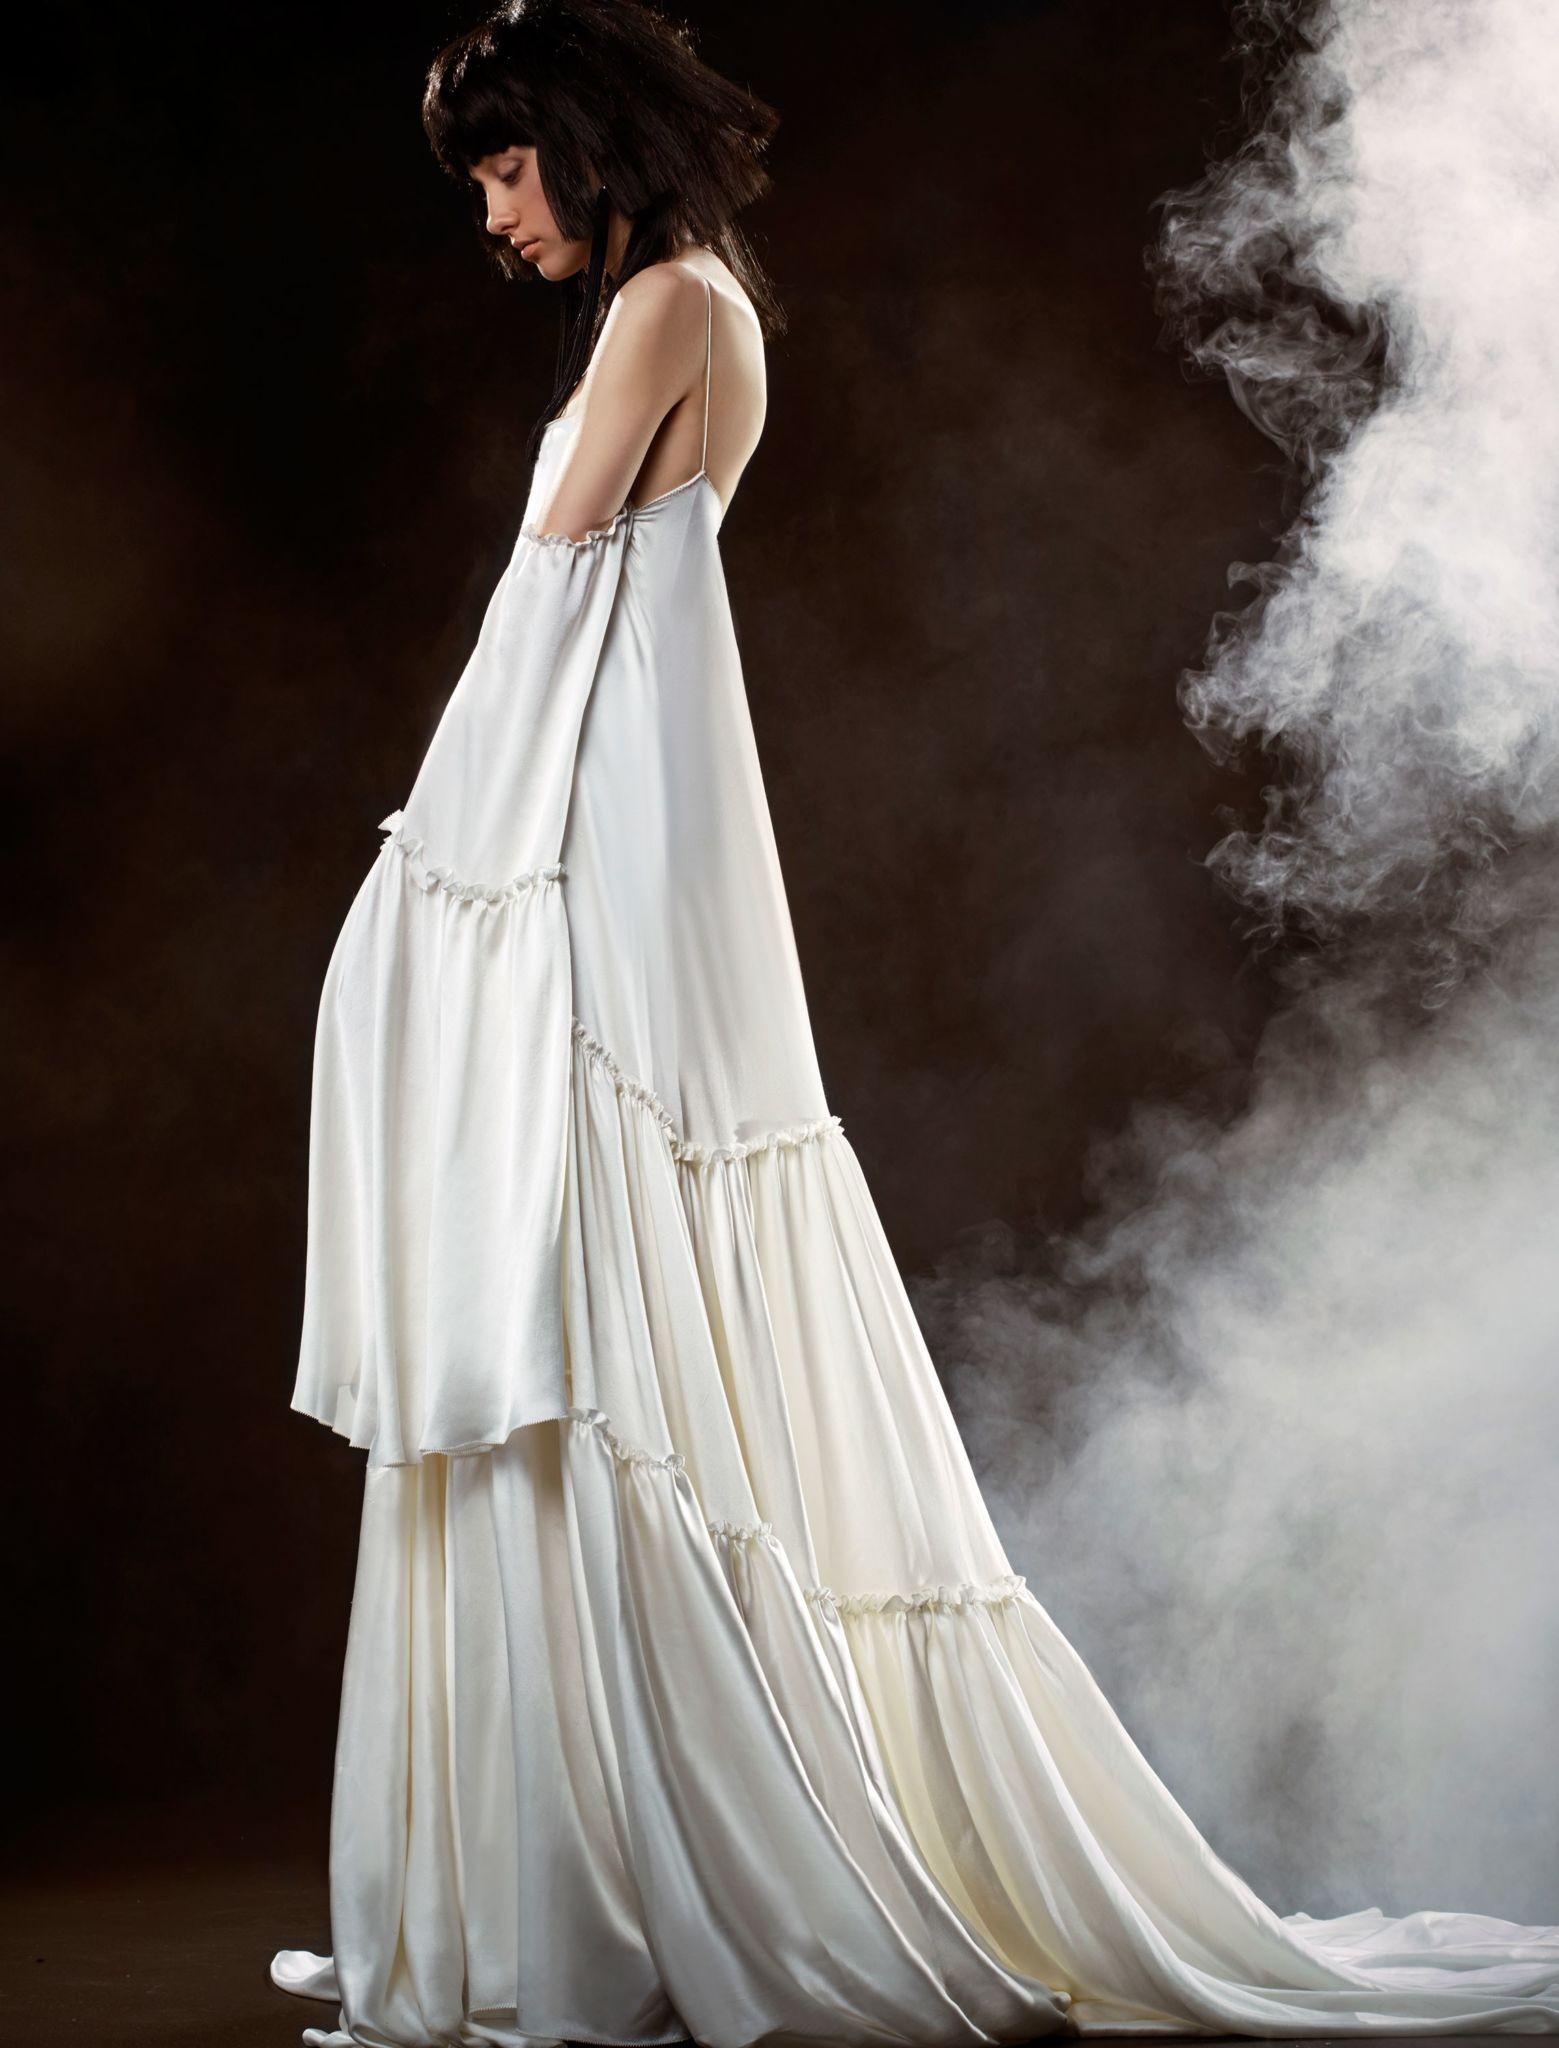 Коллекция свадебных платьев Vera Wang Spring/Summer 2018 года: платье с воланами открытые плечи